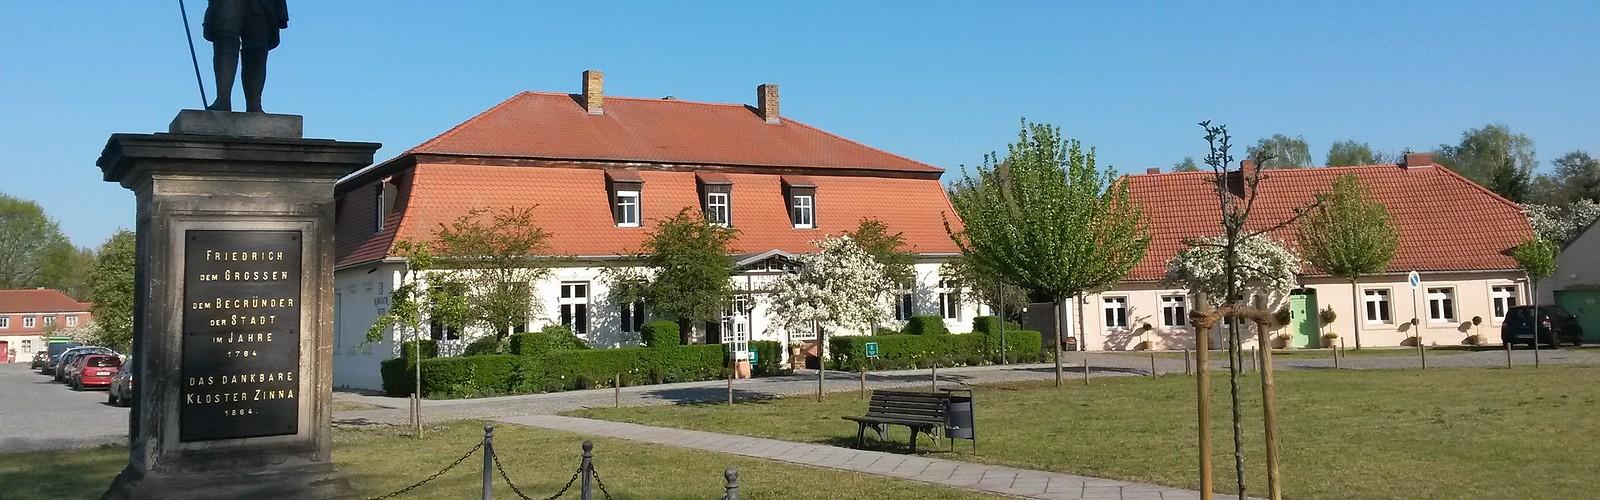 Hotel Alte Försterei Kloster Zinna on the market square, photo: Hotel Alte Försterei Kloster Zinna